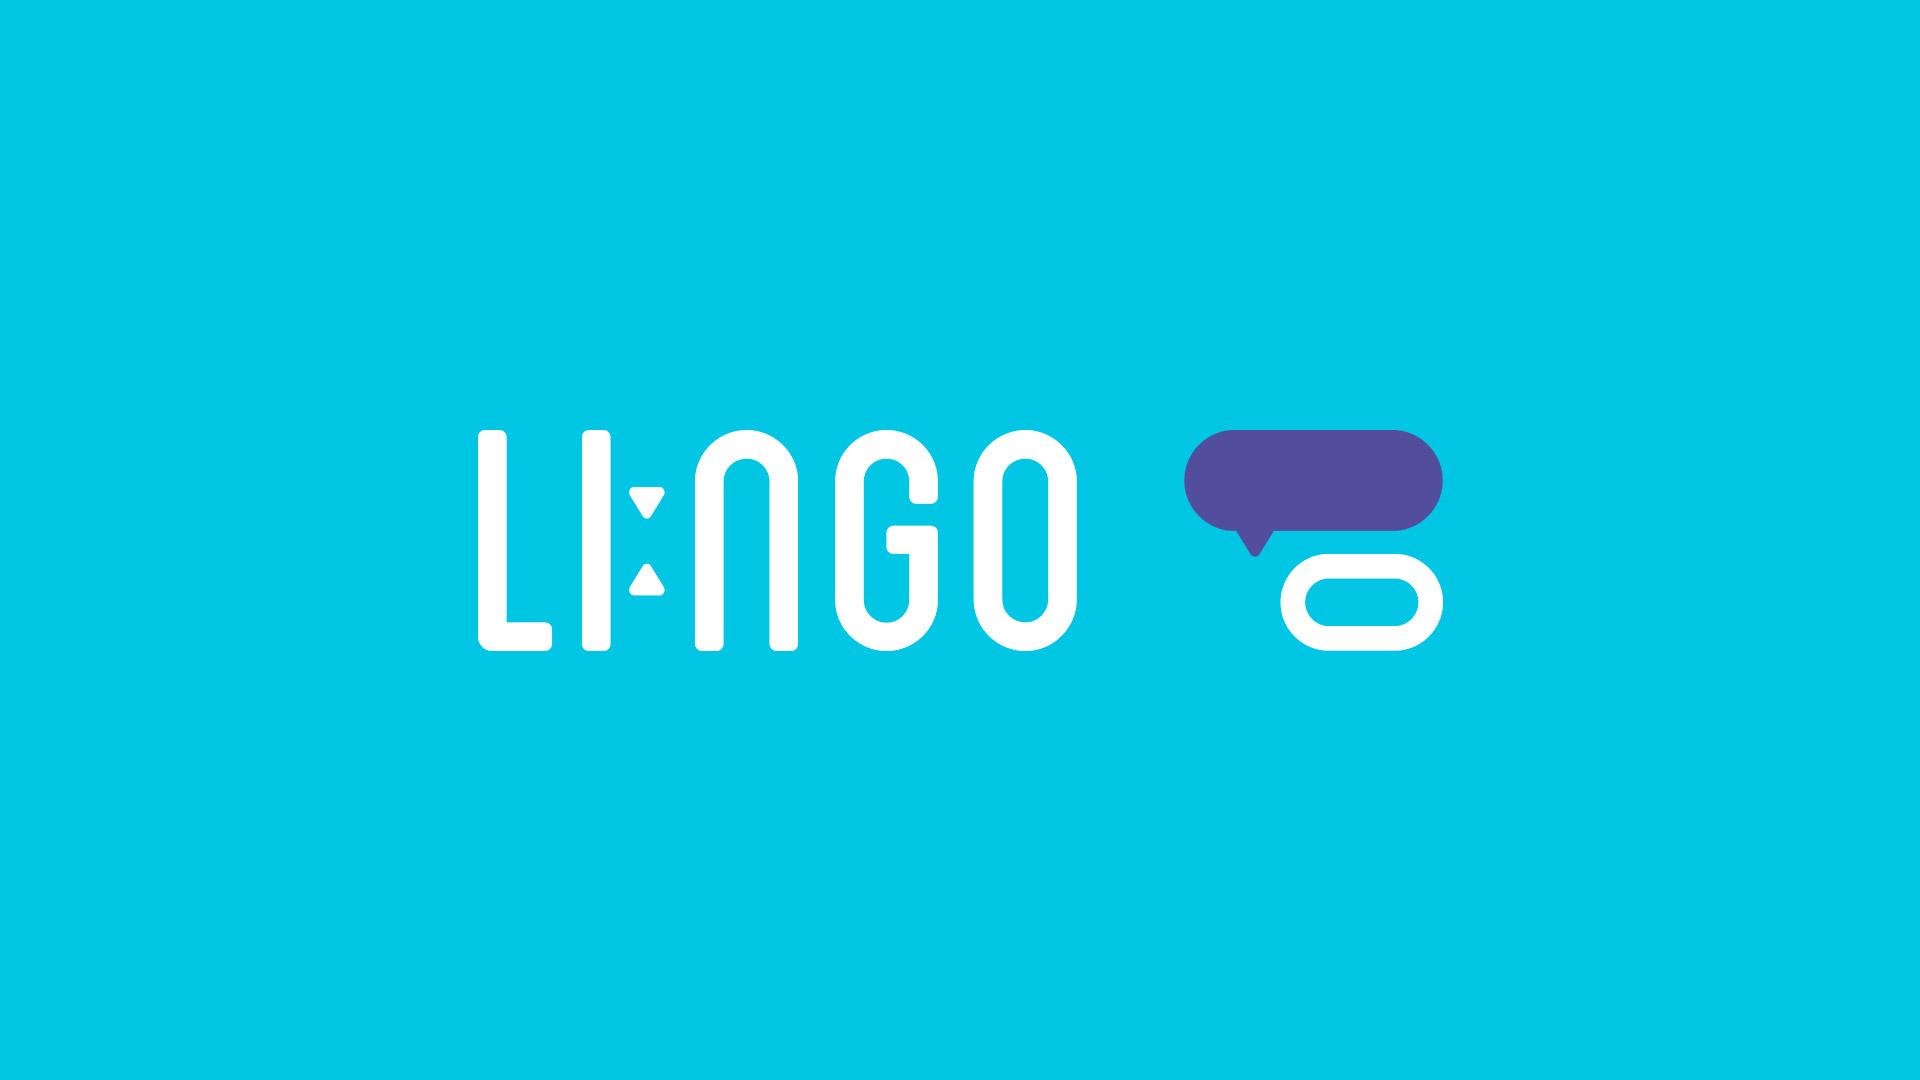 lingo_3